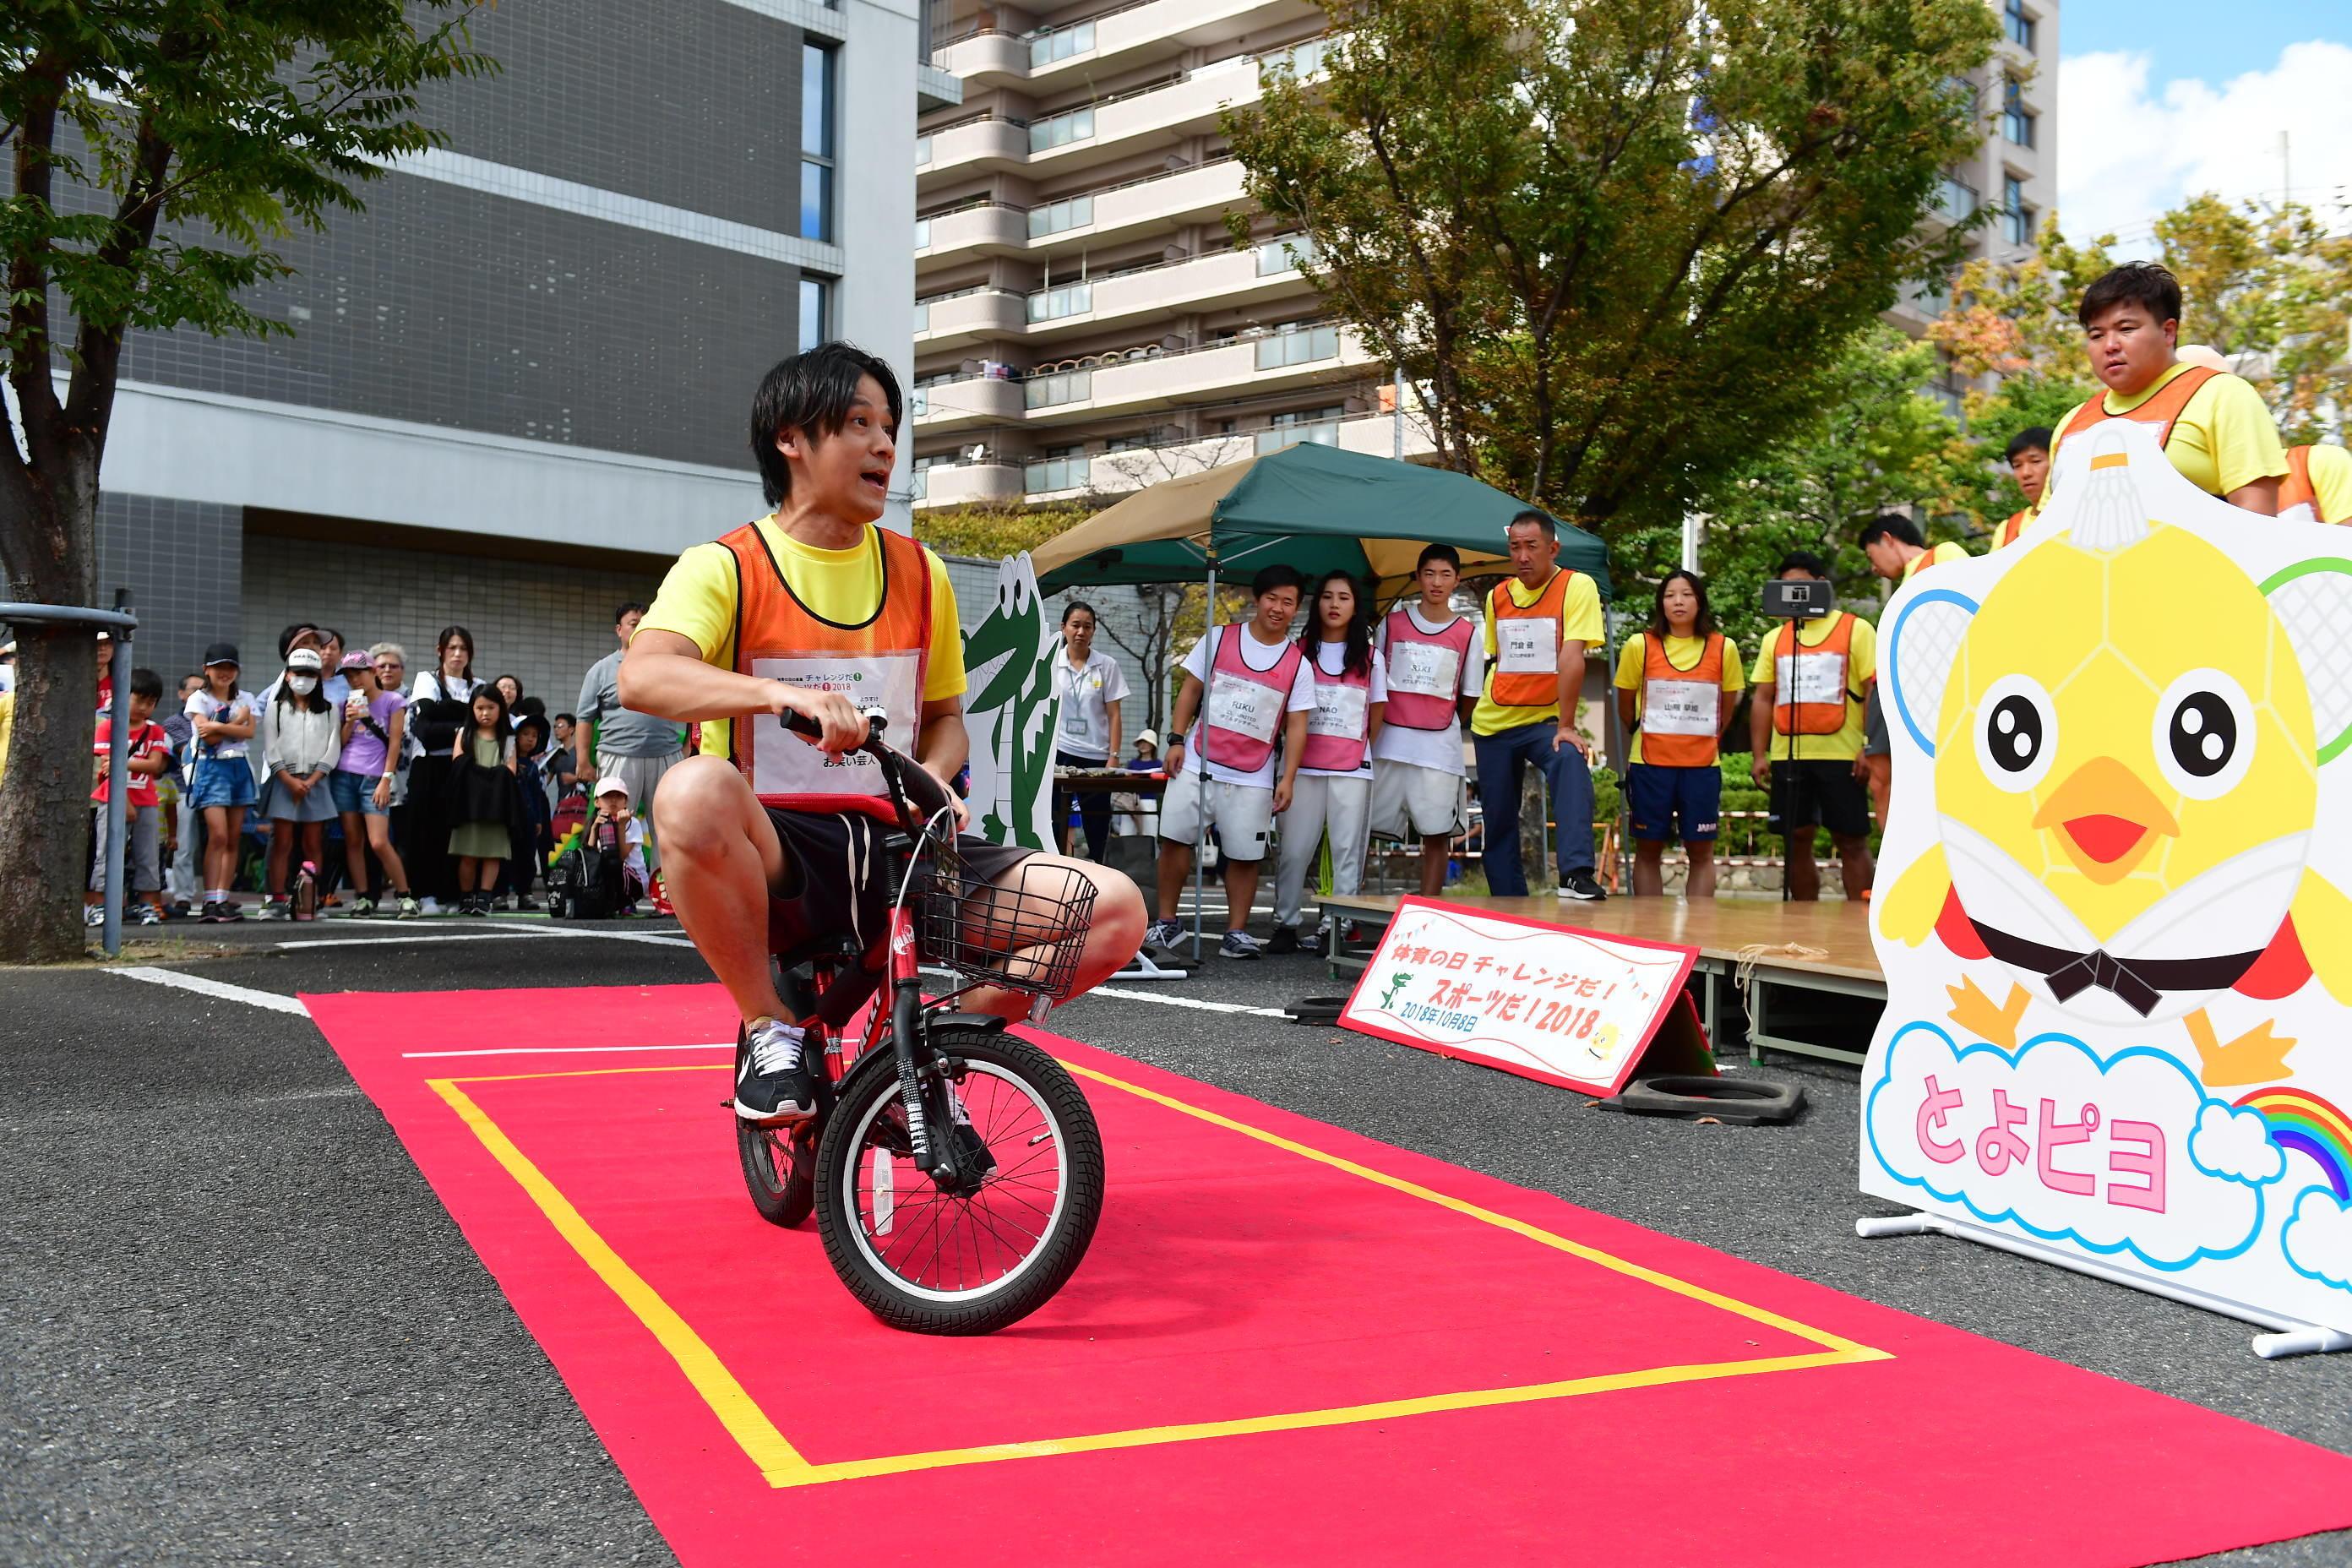 http://news.yoshimoto.co.jp/20181008191822-cd18cdf8882de5f853a0bc70dec4ec3b05bc26d6.jpg